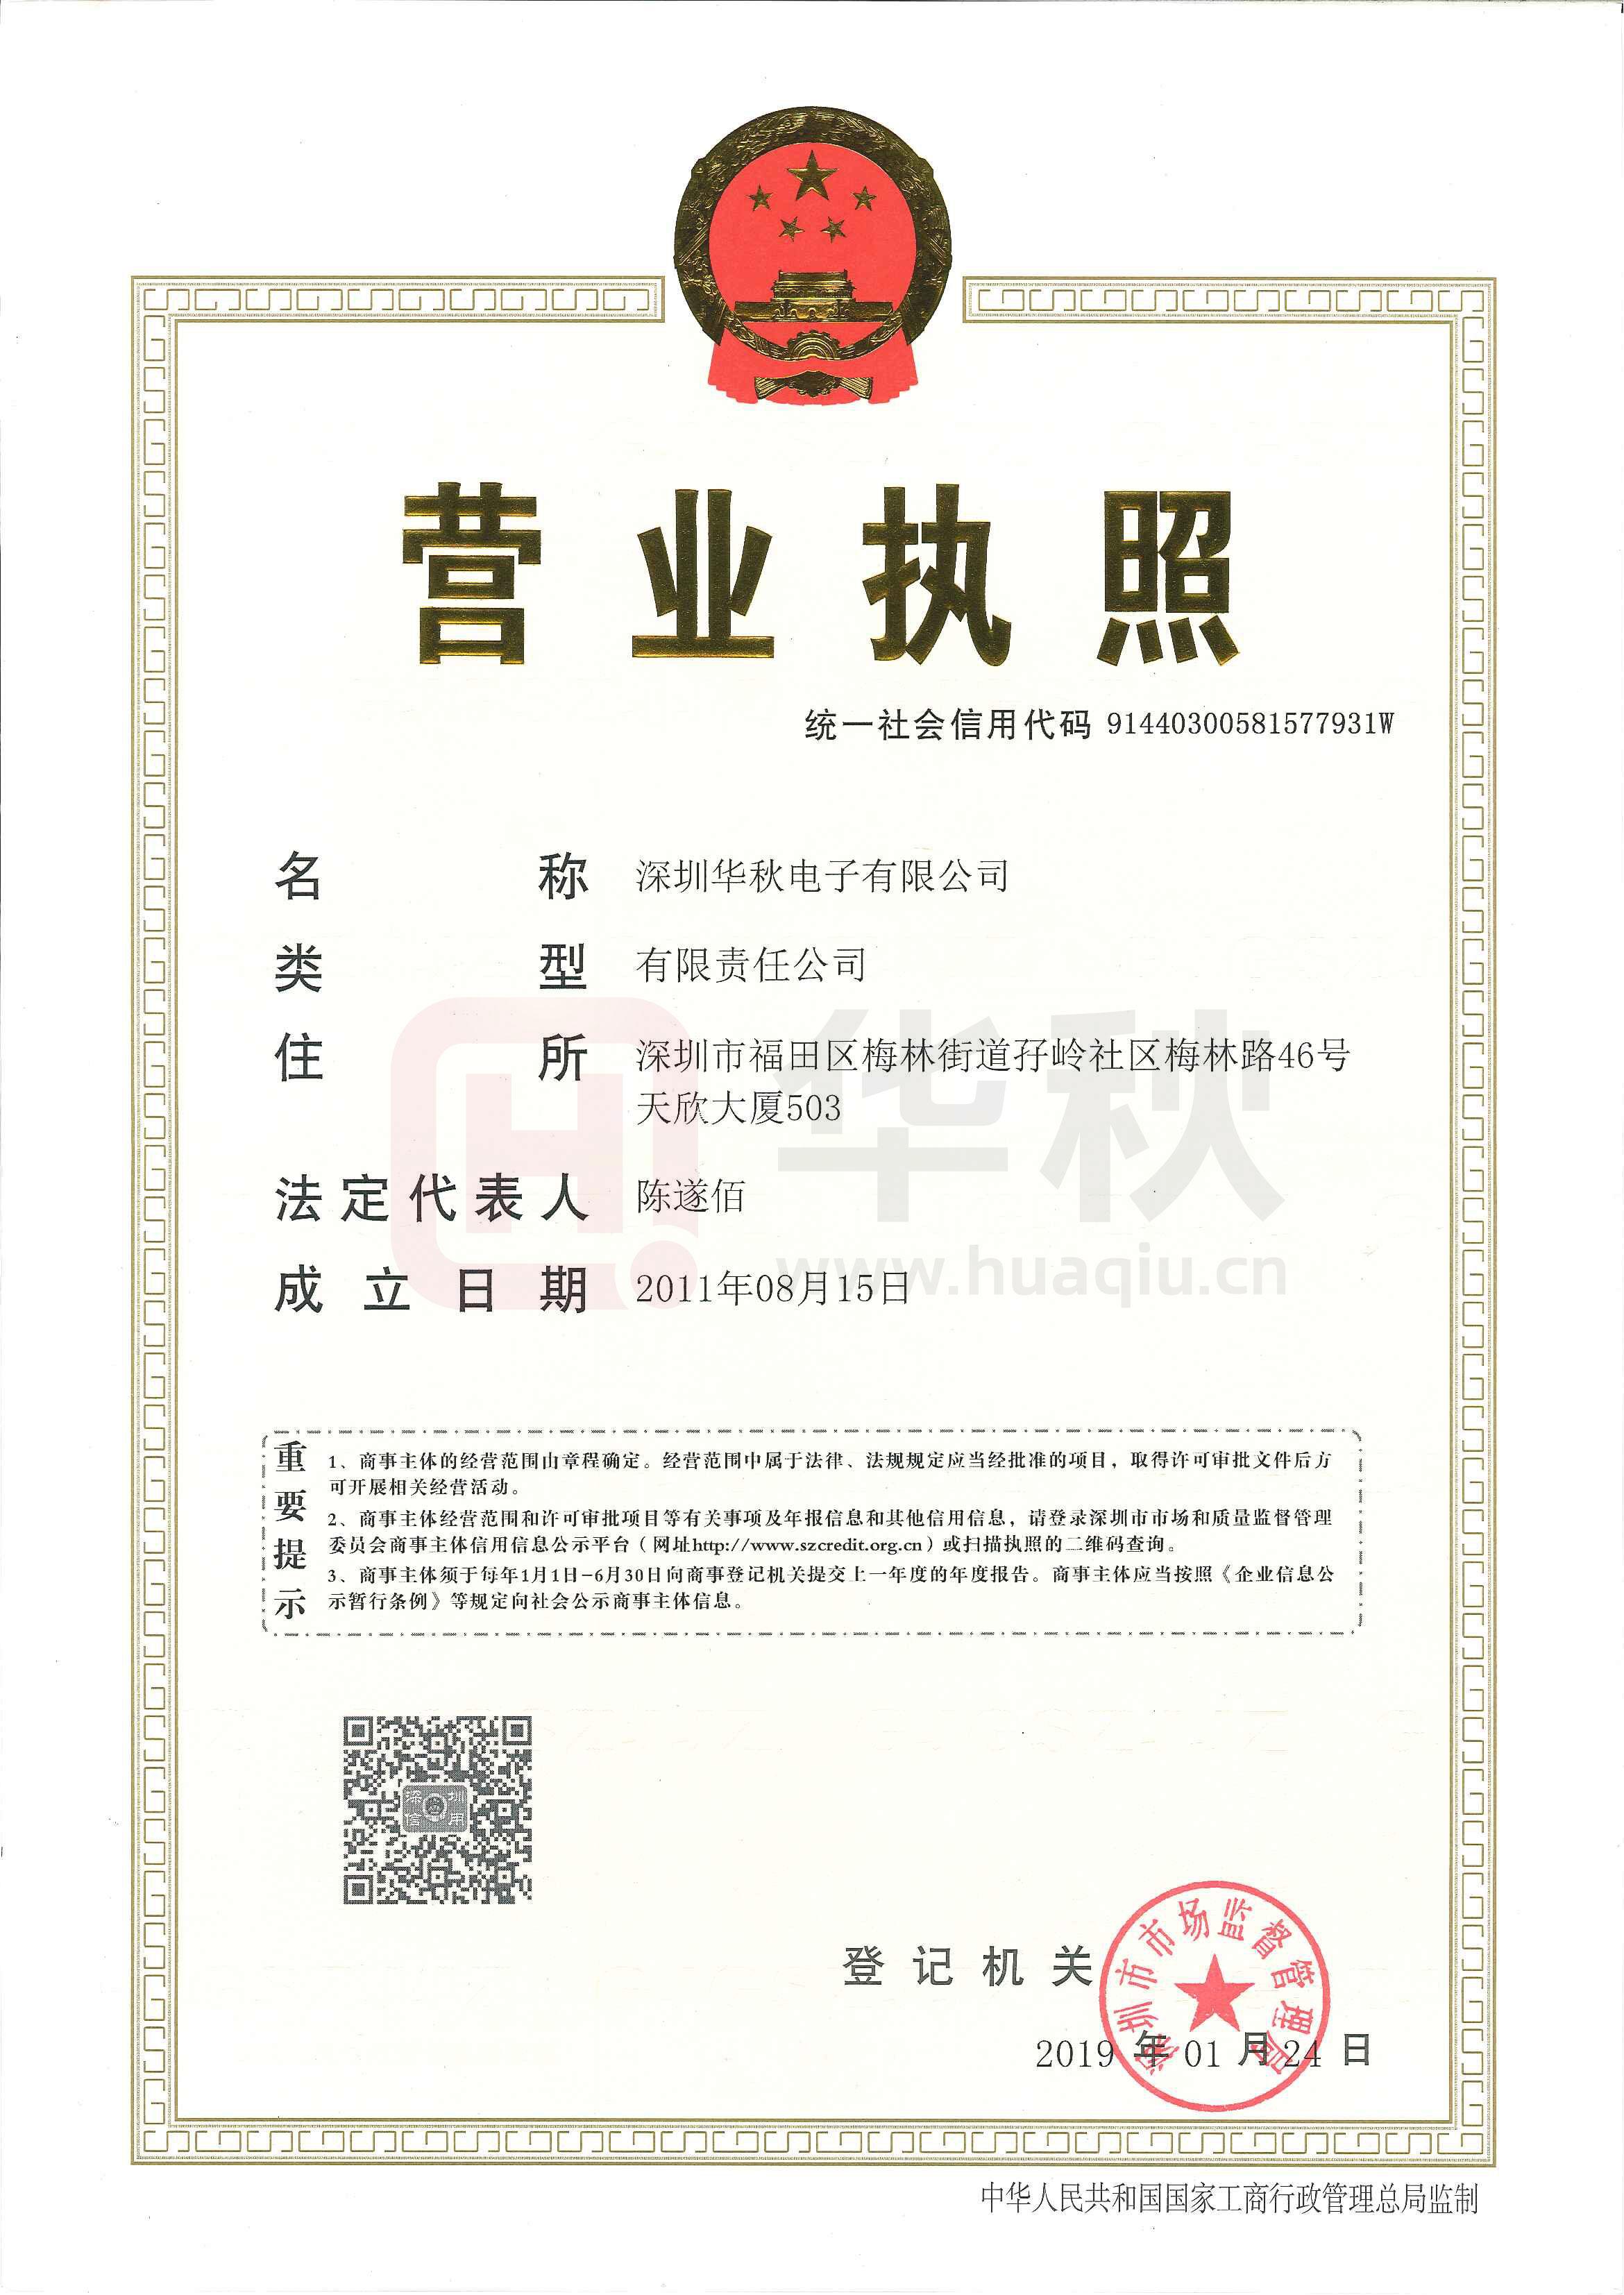 華秋深圳(1)2(1).jpg